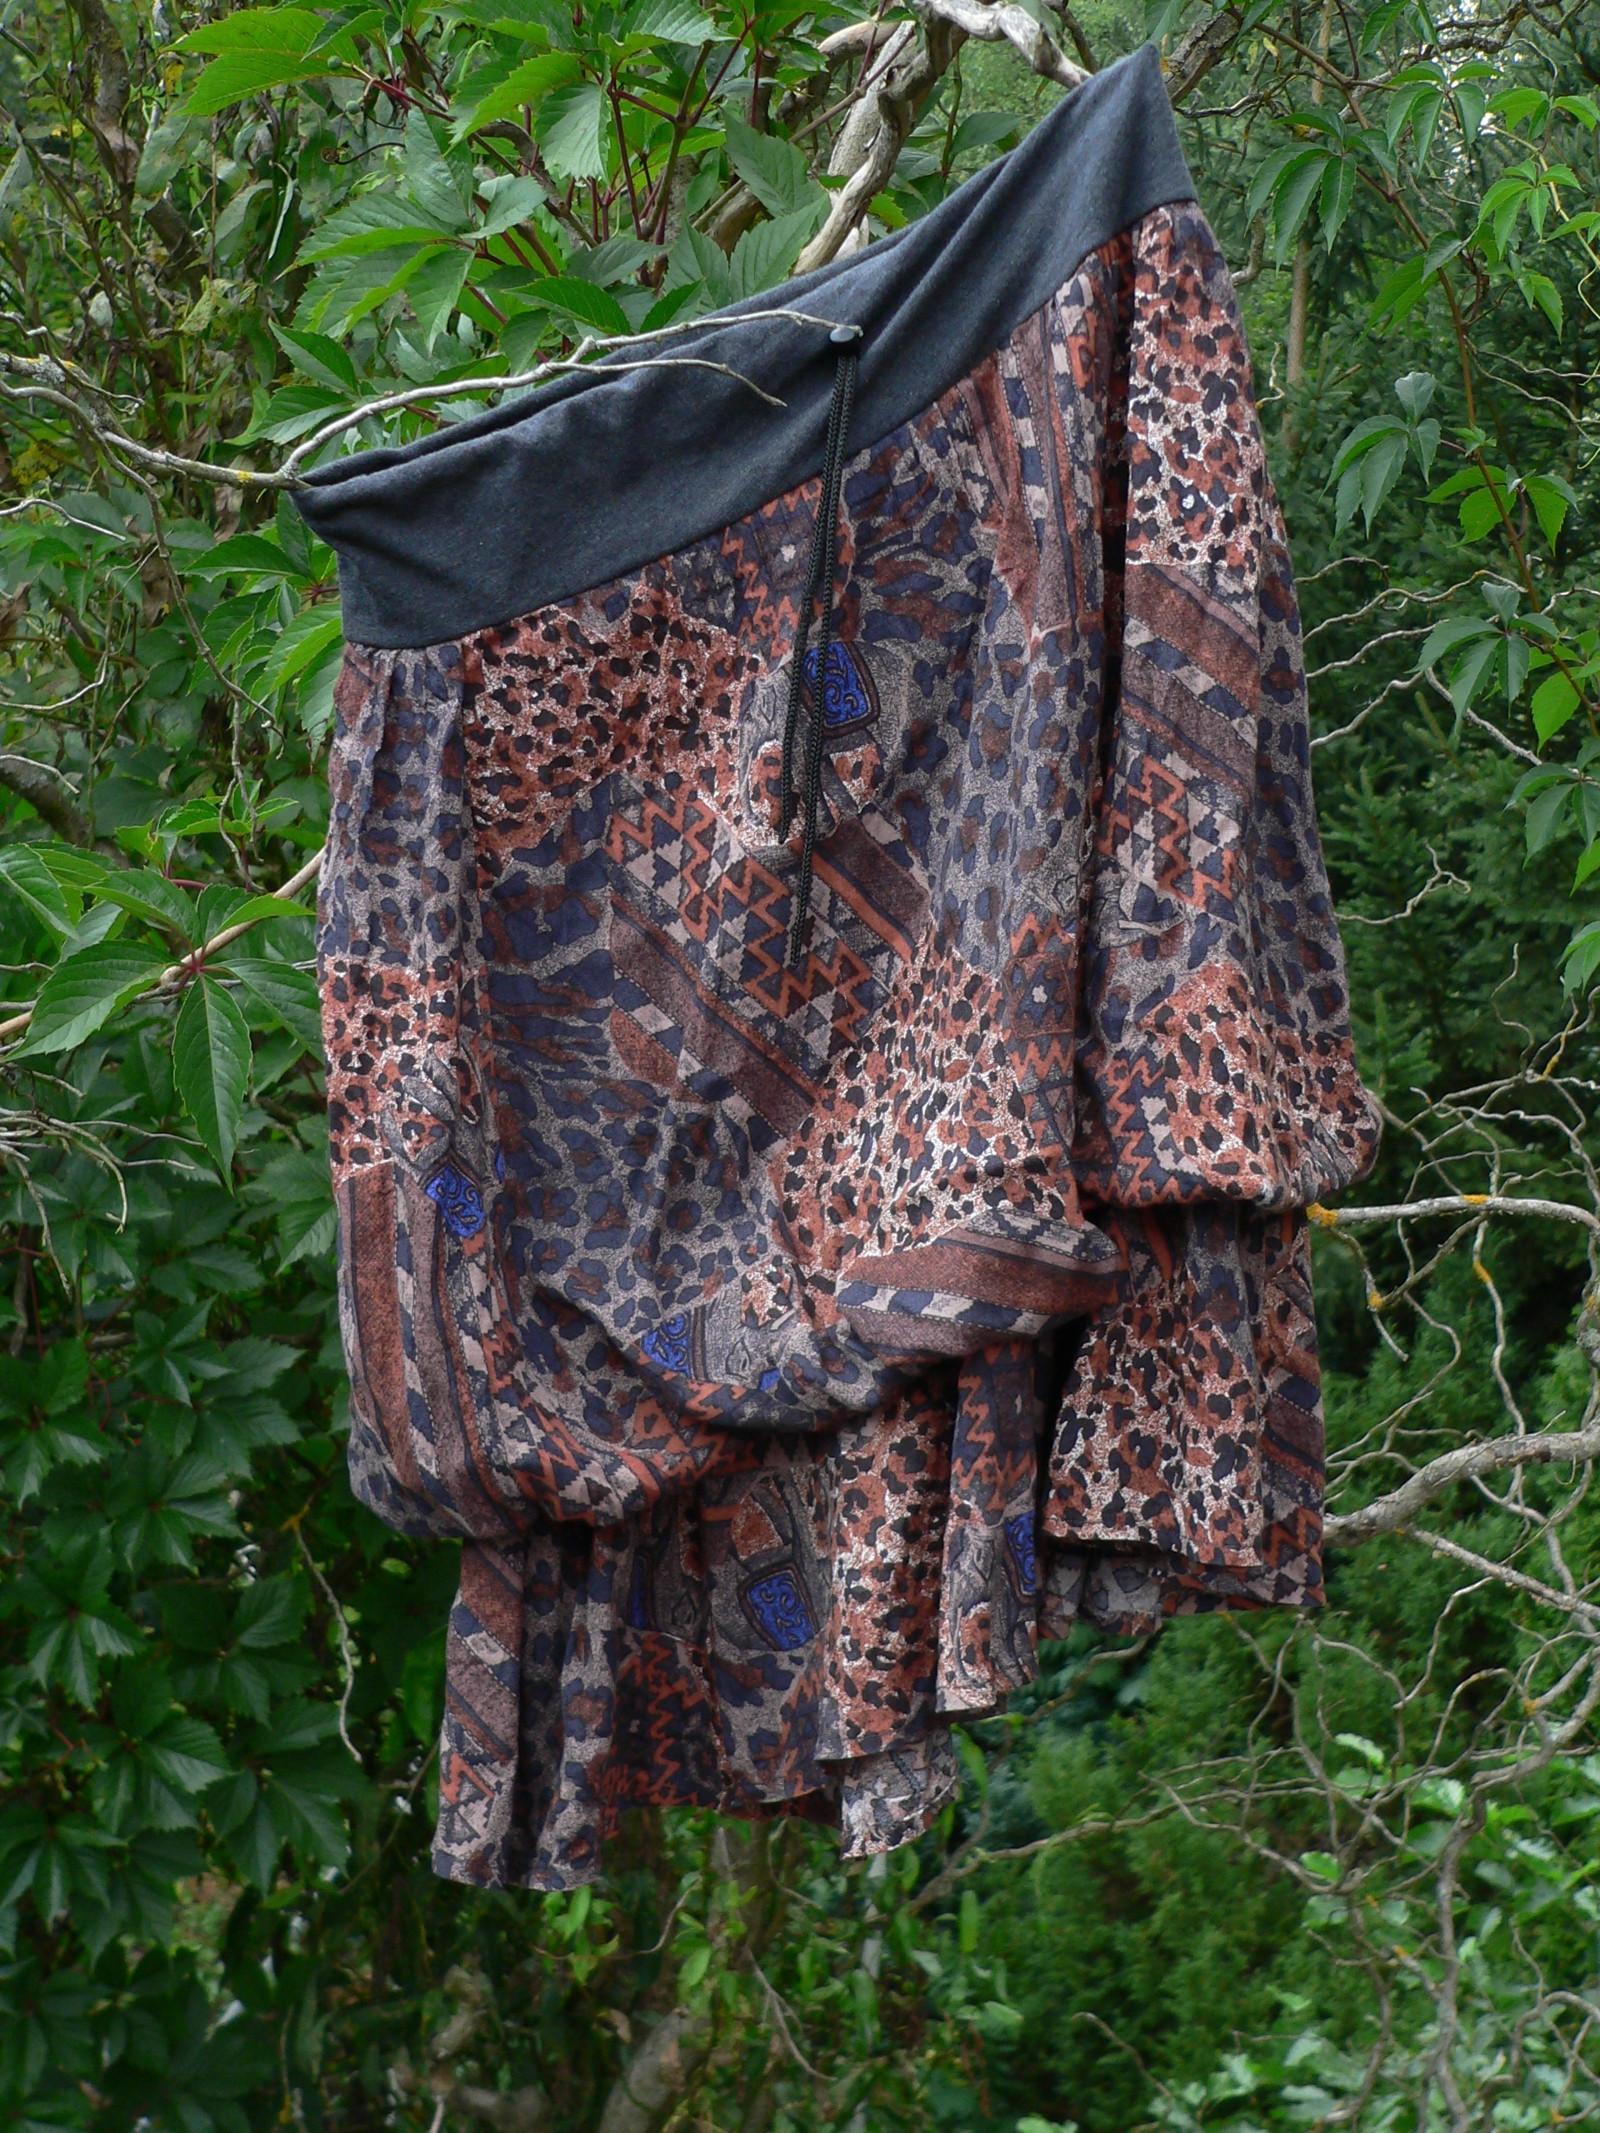 270130ea852 Balónová poschoďová sukně   Zboží prodejce Lesní louka